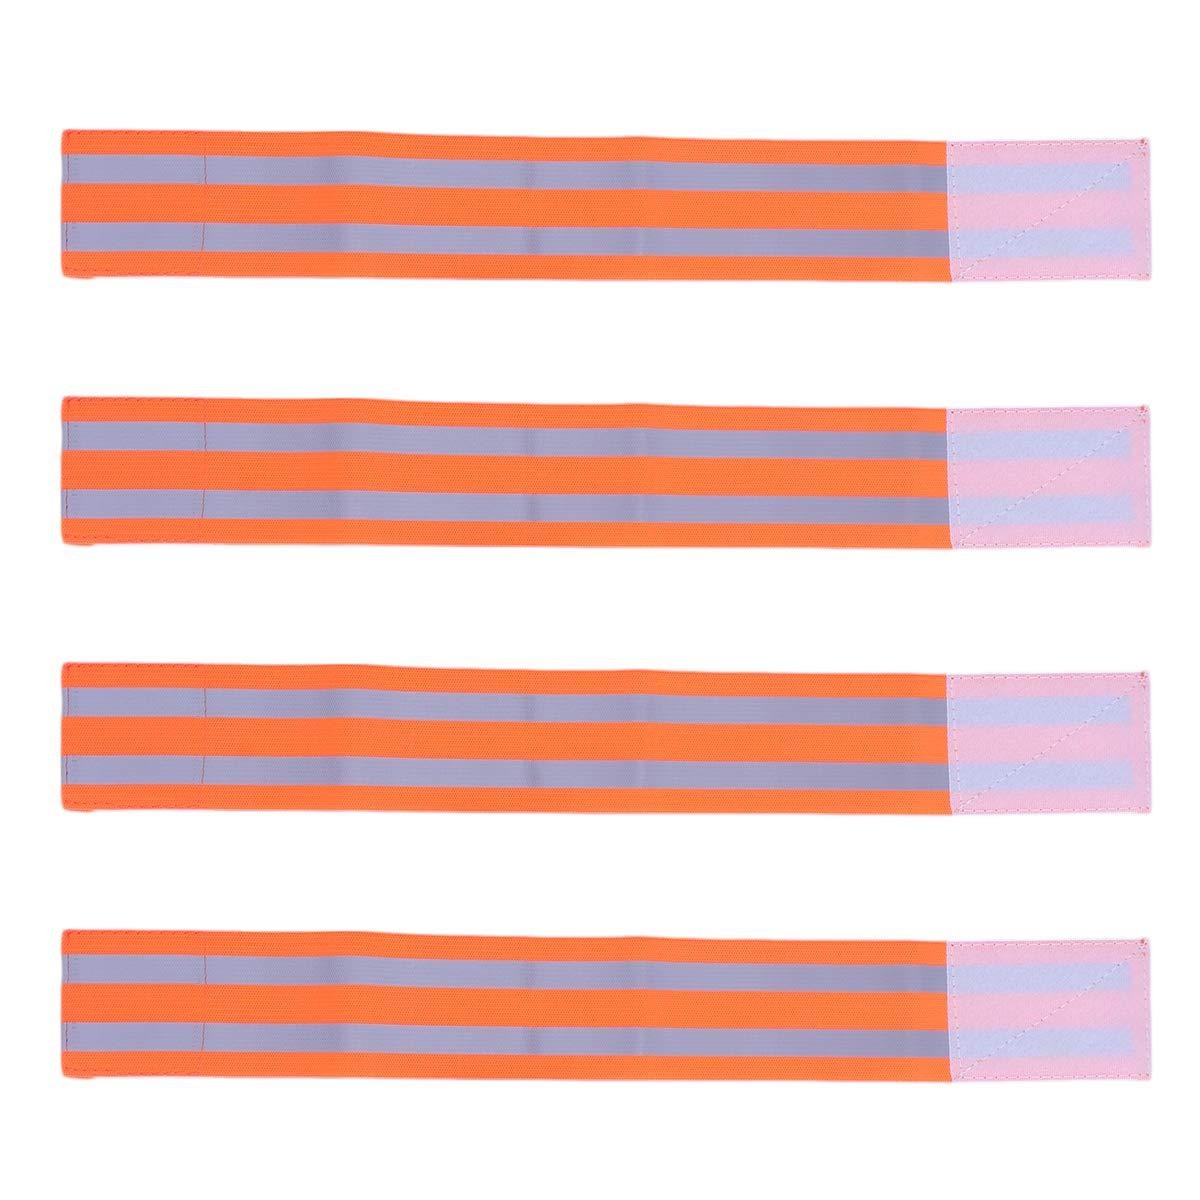 LIOOBO 4 stücke Reflektierende Bänder Handgelenk Arm Knöchelbein Reflektierende Laufbekleidung für Männer Frauen Nacht Laufen Radfahren Wandern Fahrrad (Orange)